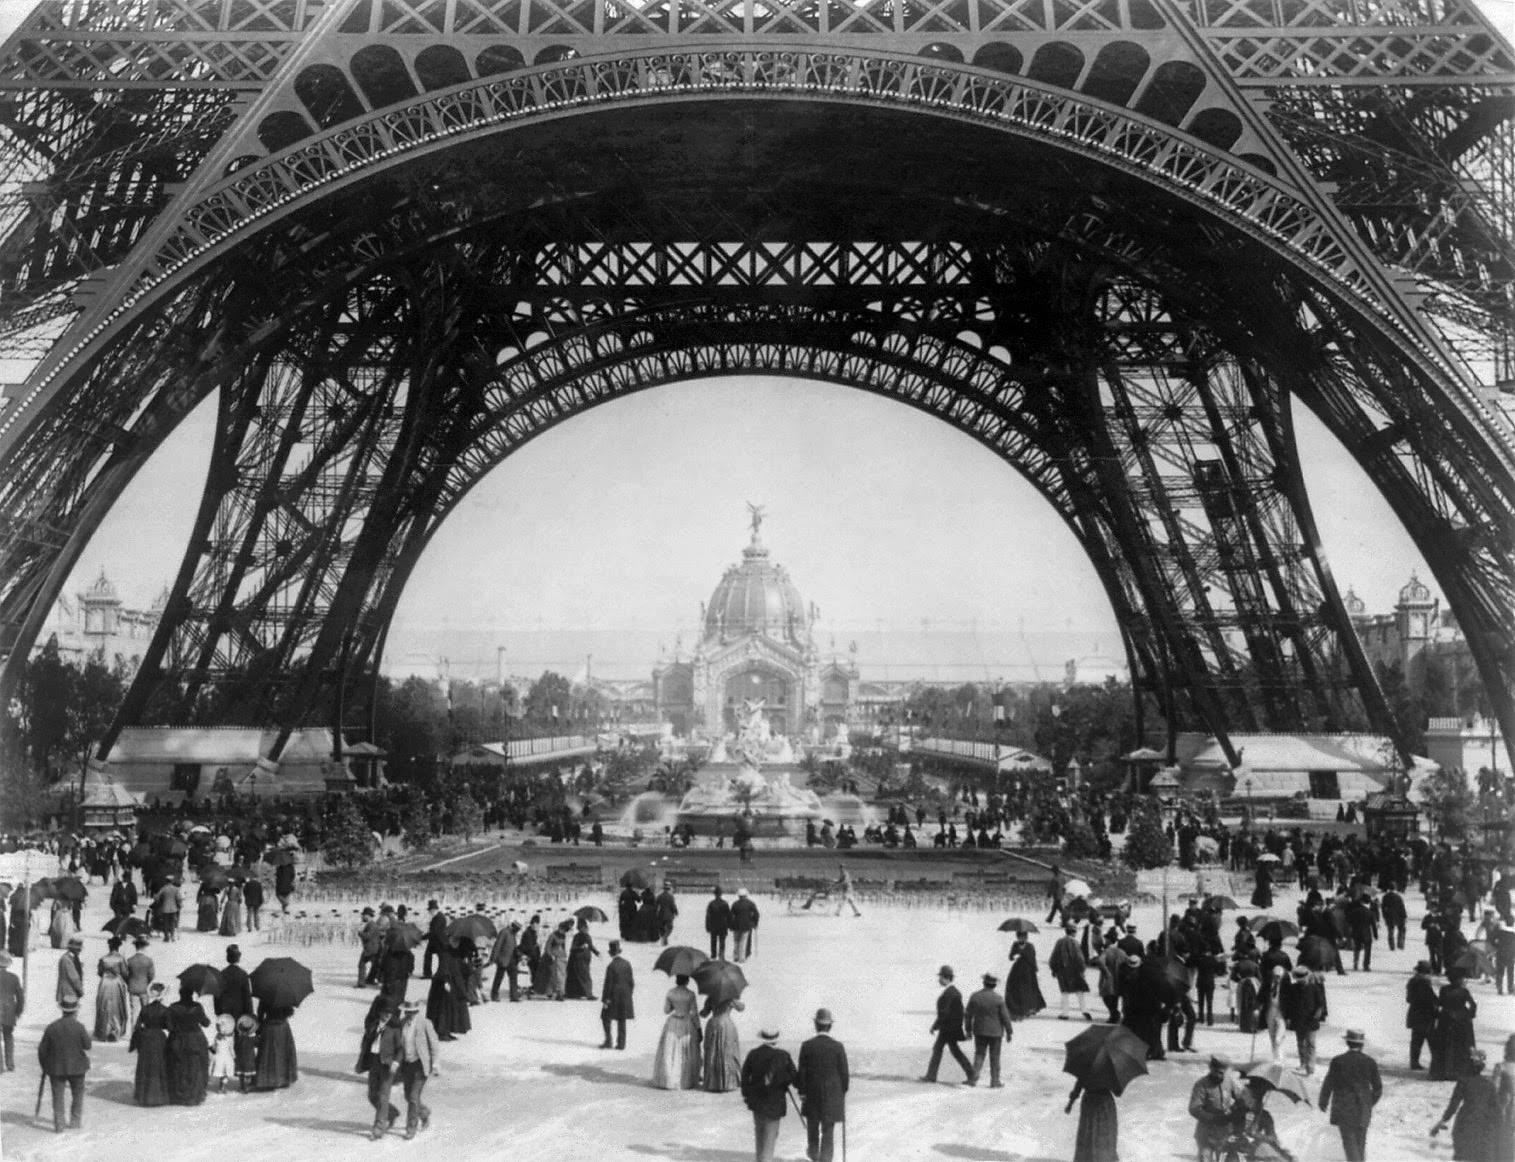 Paris Circa 1910